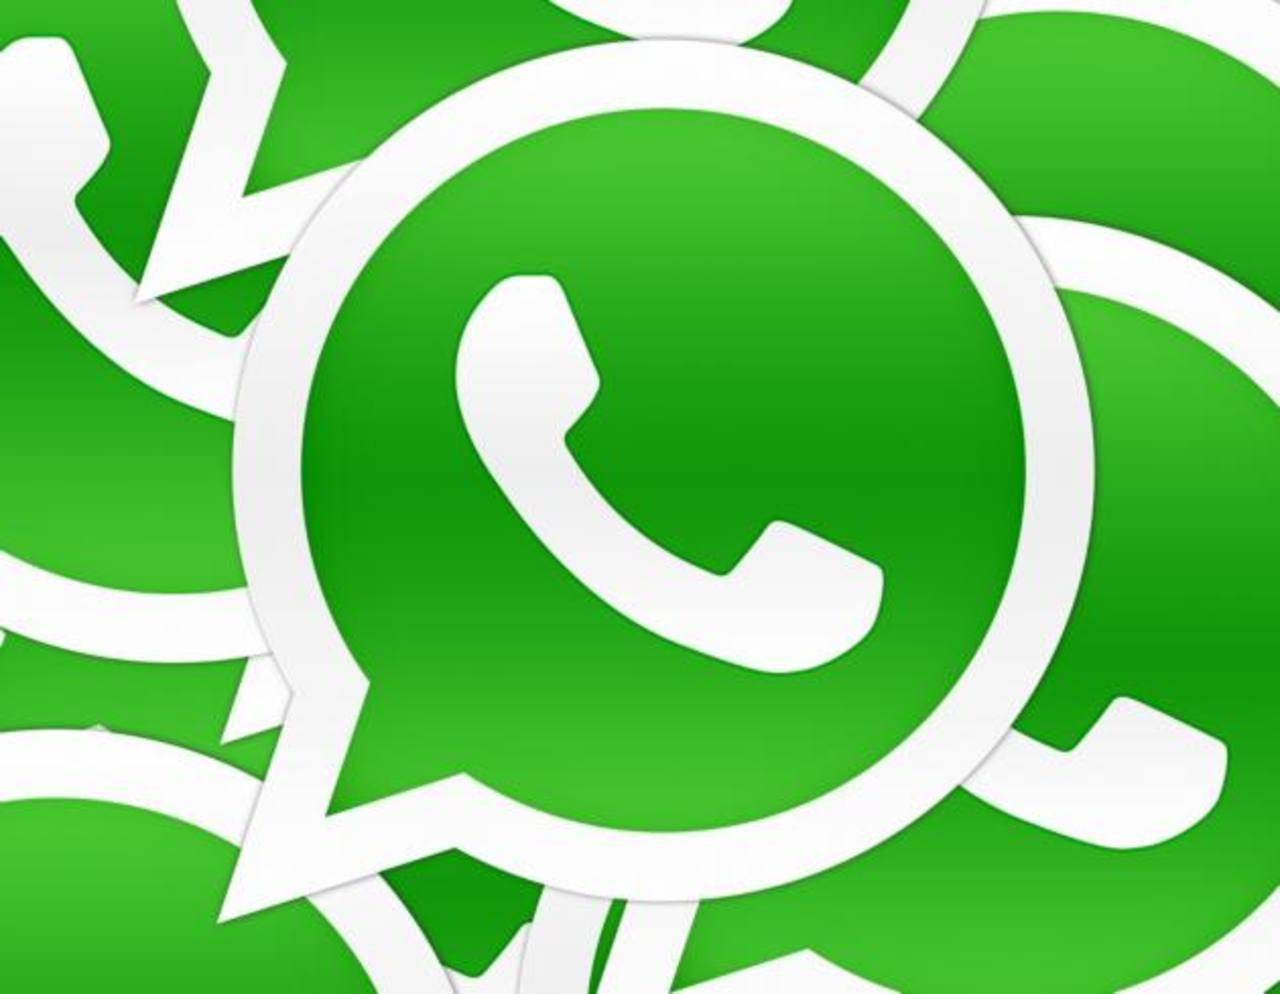 WhatsApp restablece servicio tras lluvia de quejas